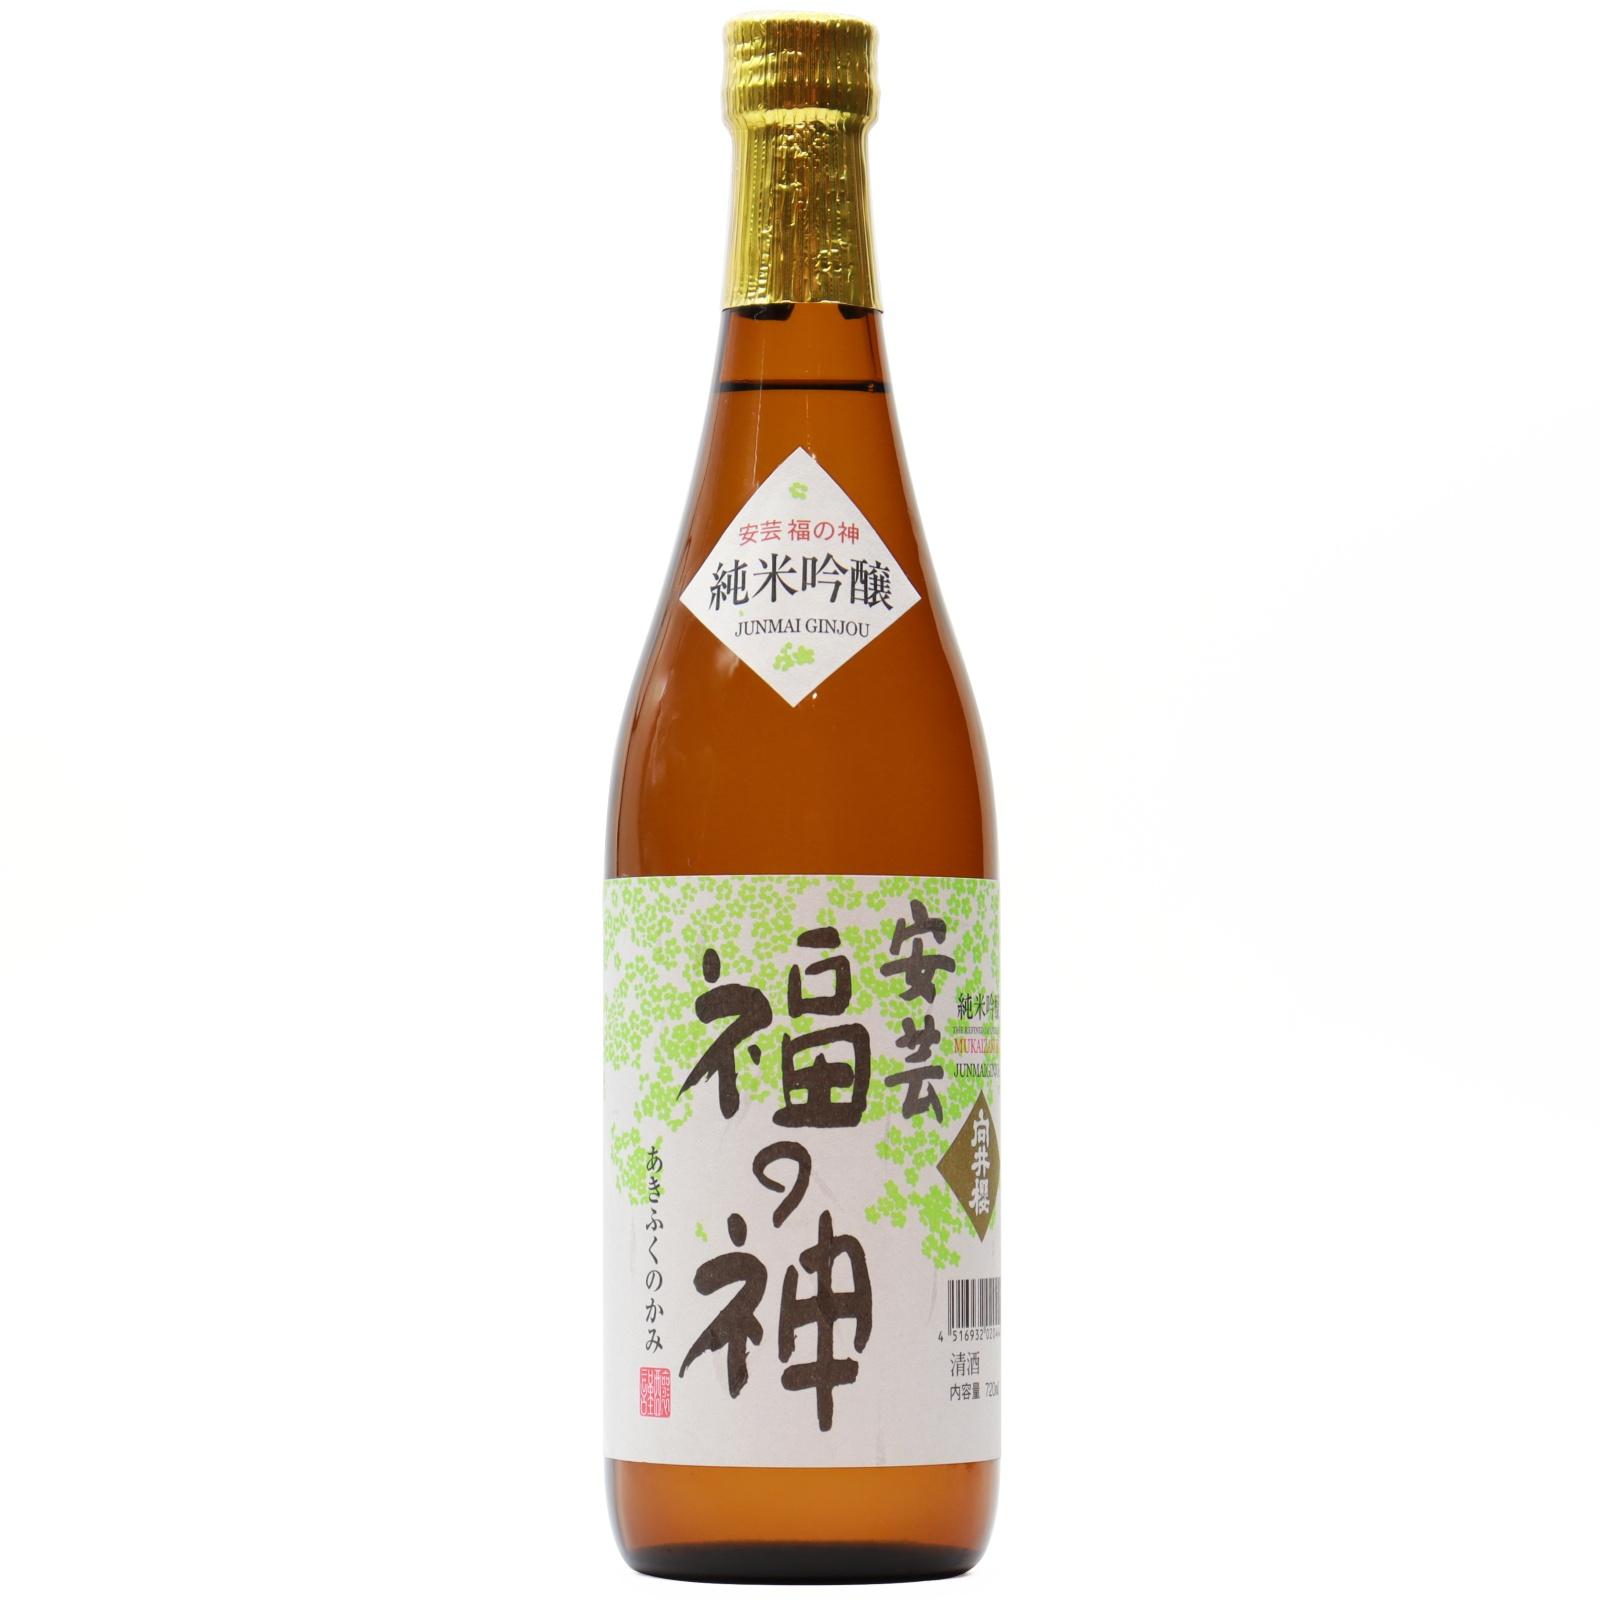 向井櫻 純米吟醸「安芸 福の神」